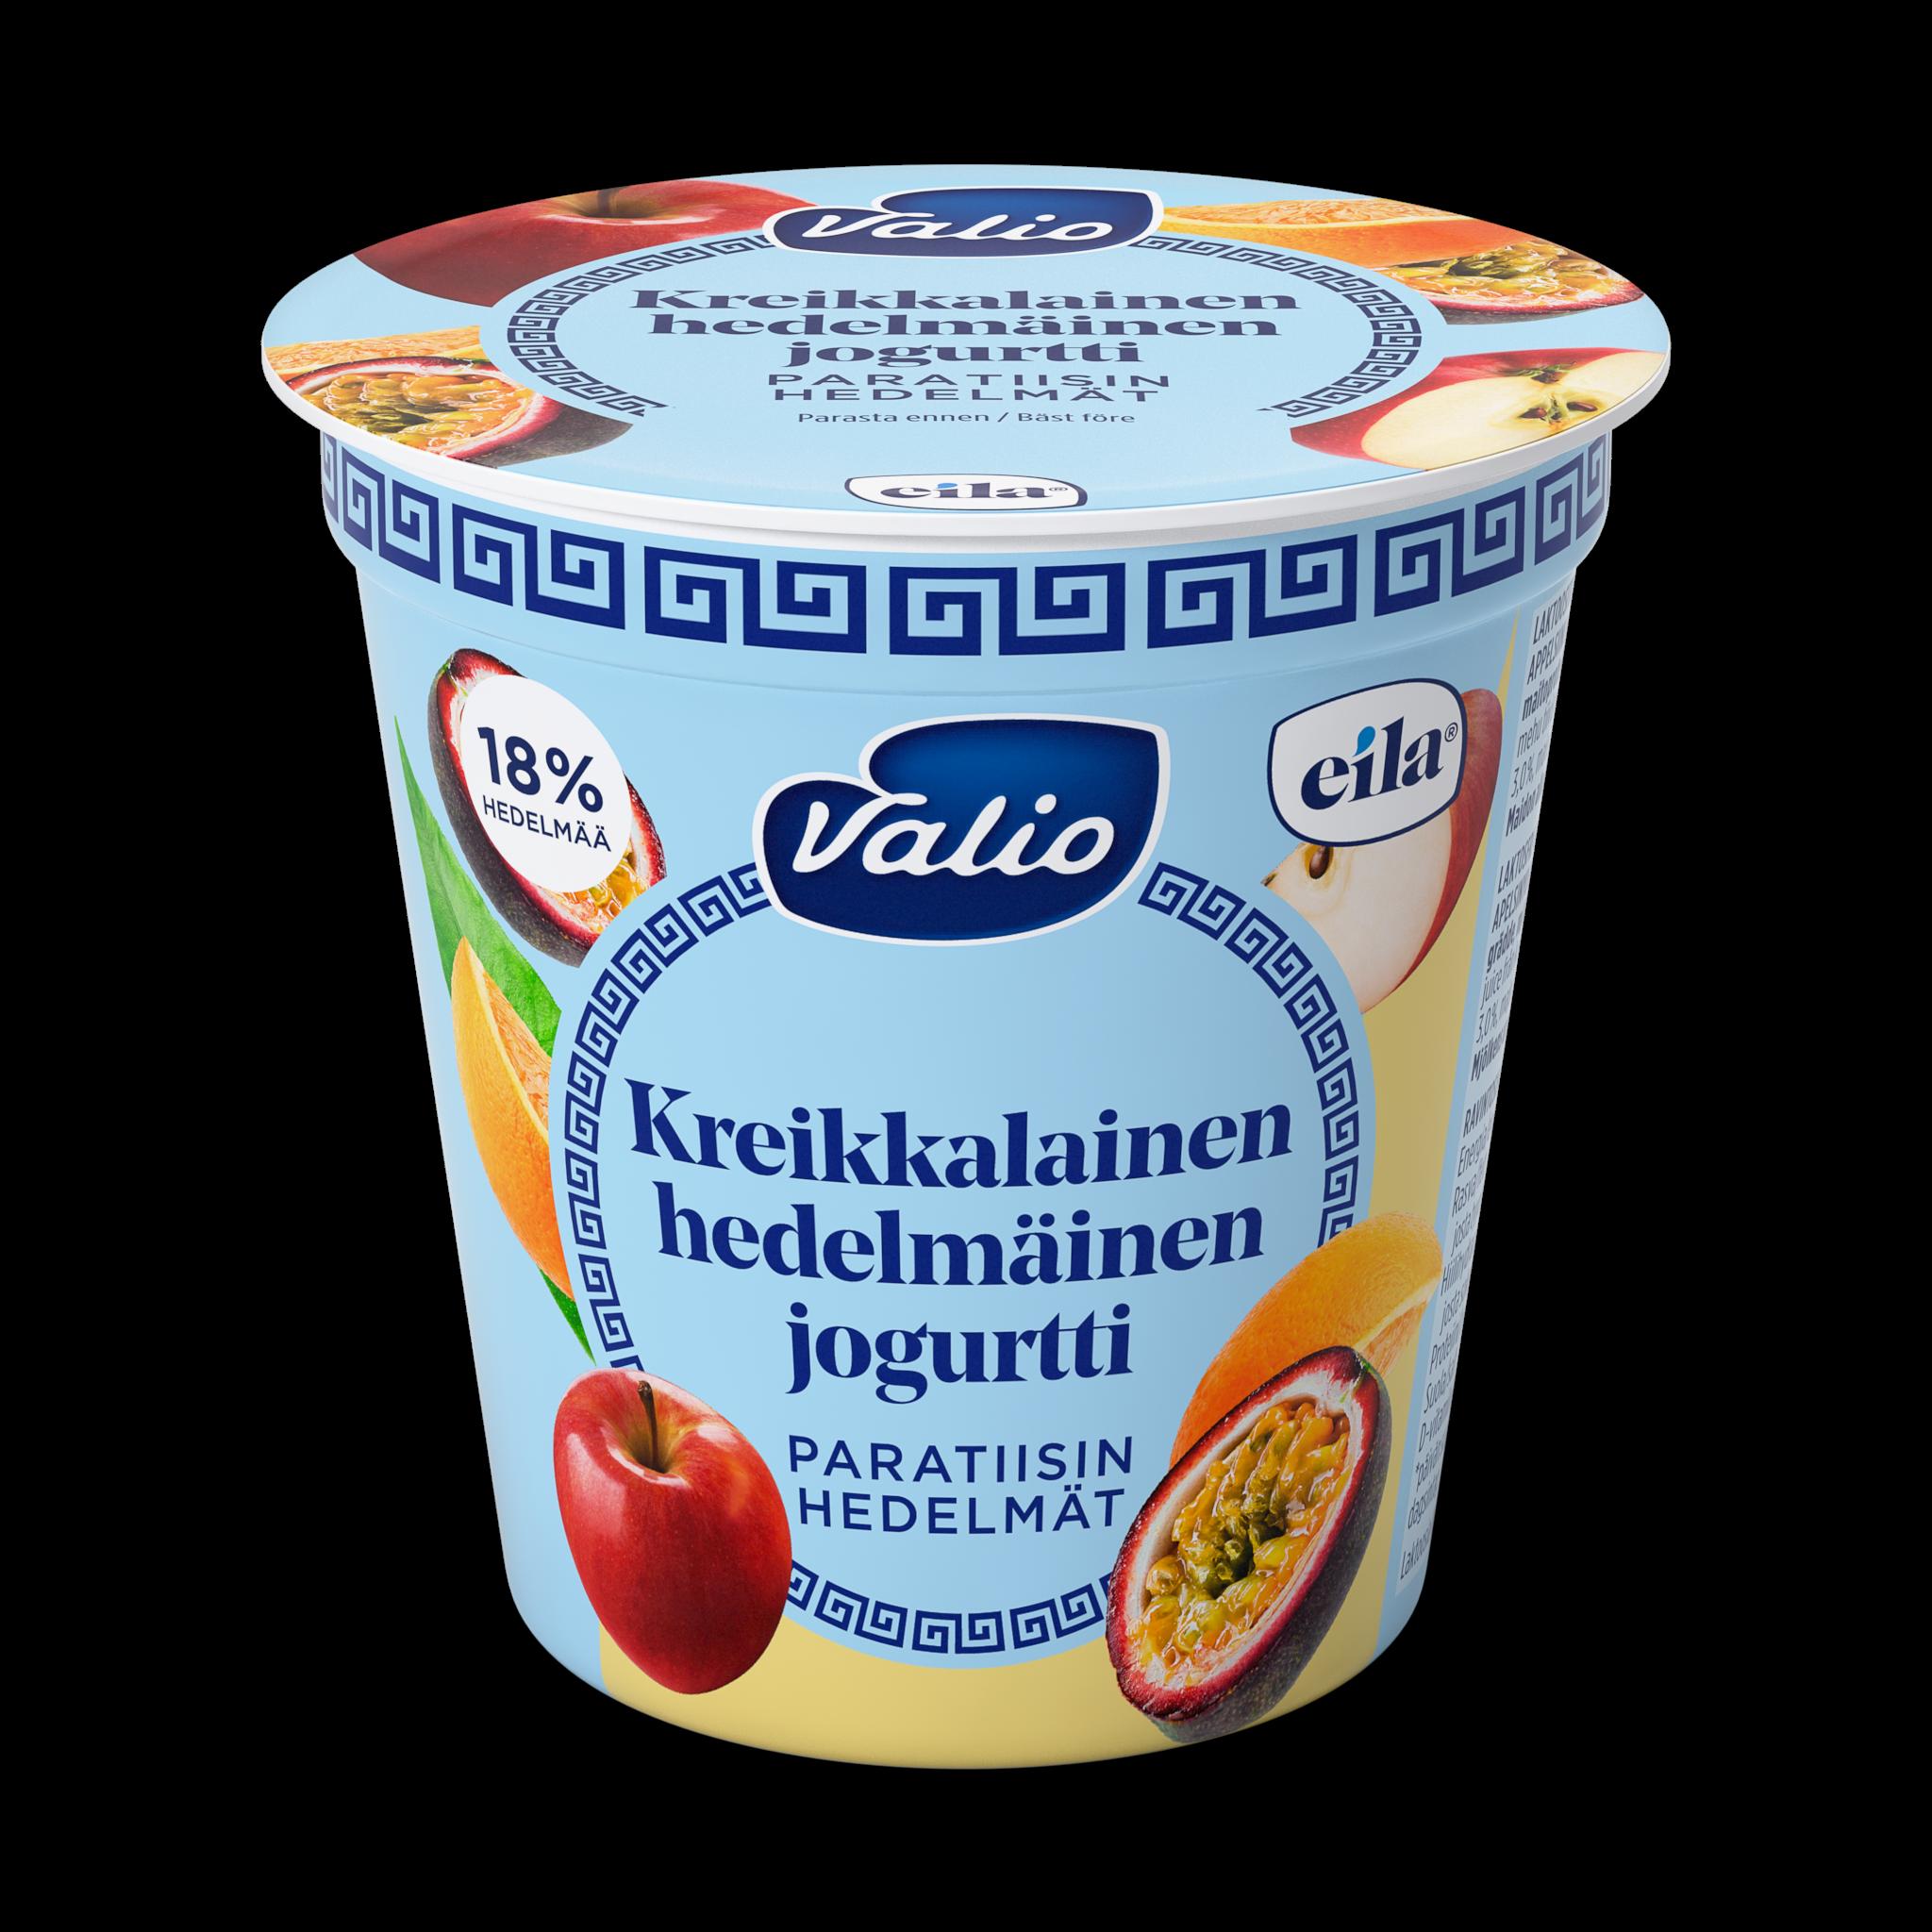 Valio kreikkalainen hedelmäinen jogurtti paratiisin hedelmät laktoosit